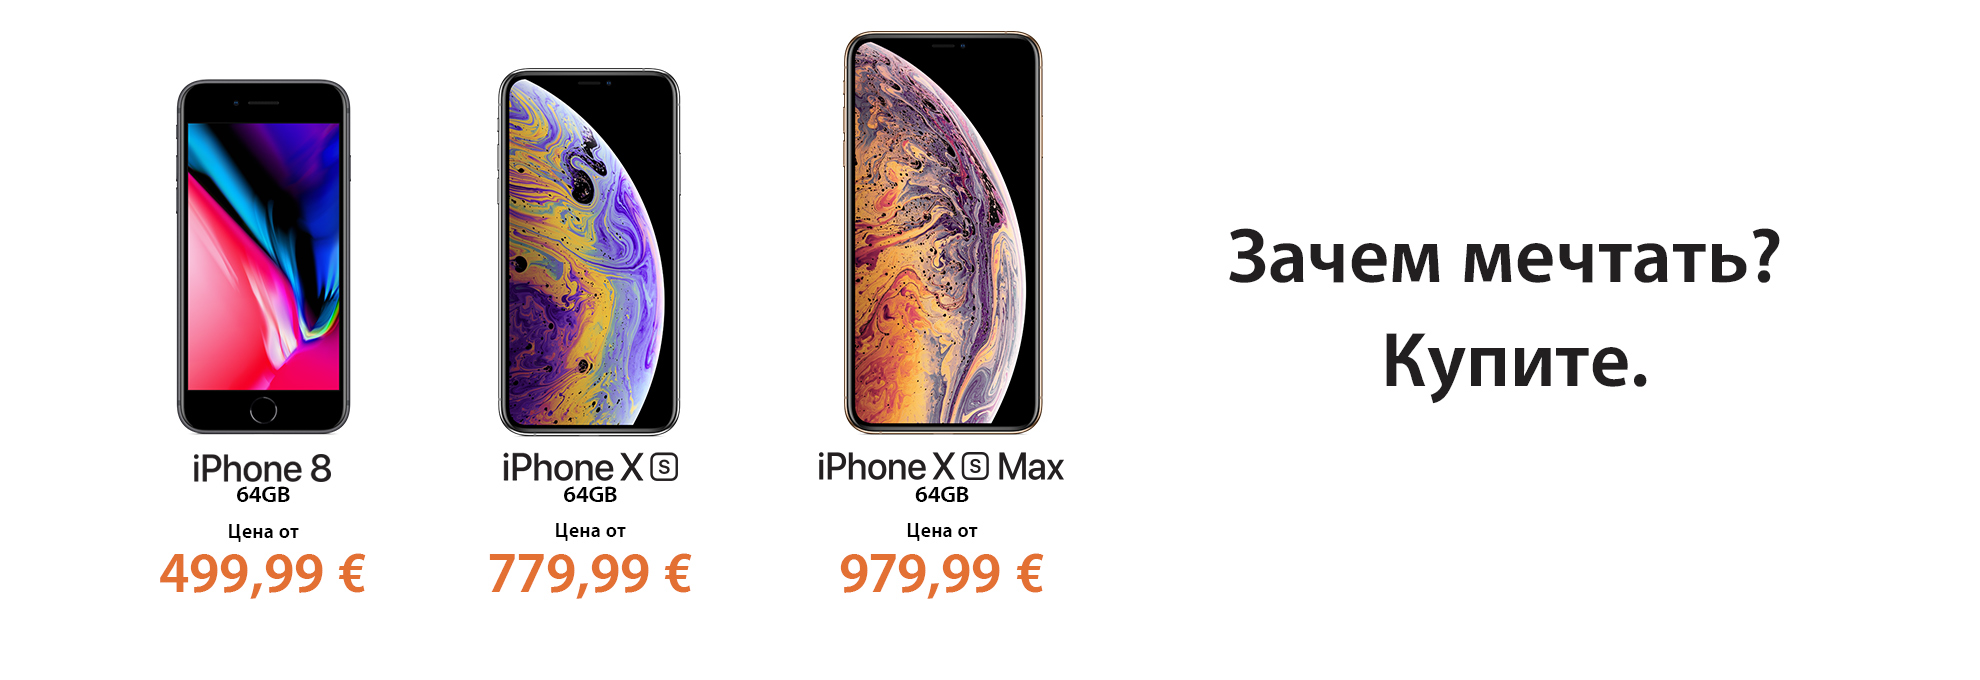 Apple Зачем мечтать? Купите.